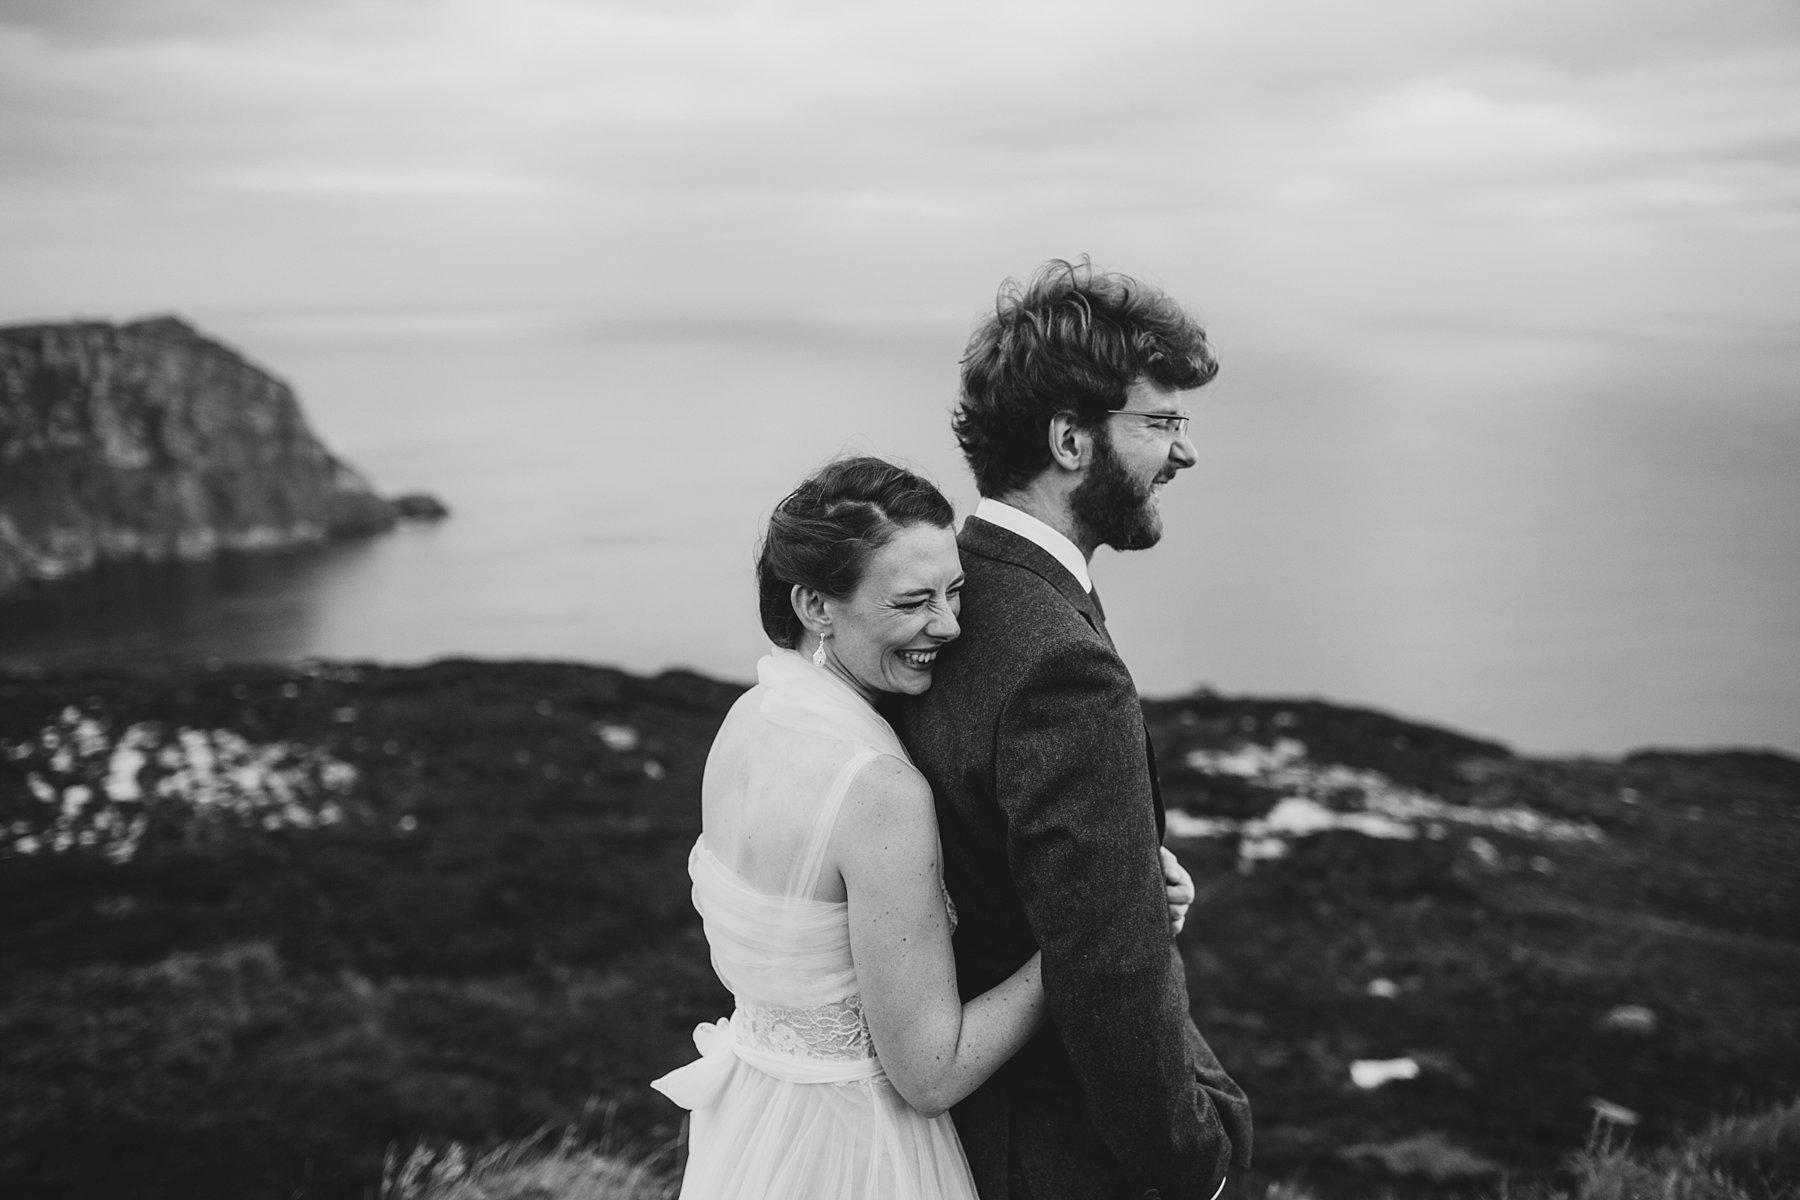 hornhead_donegak_elopement_weddings_0081